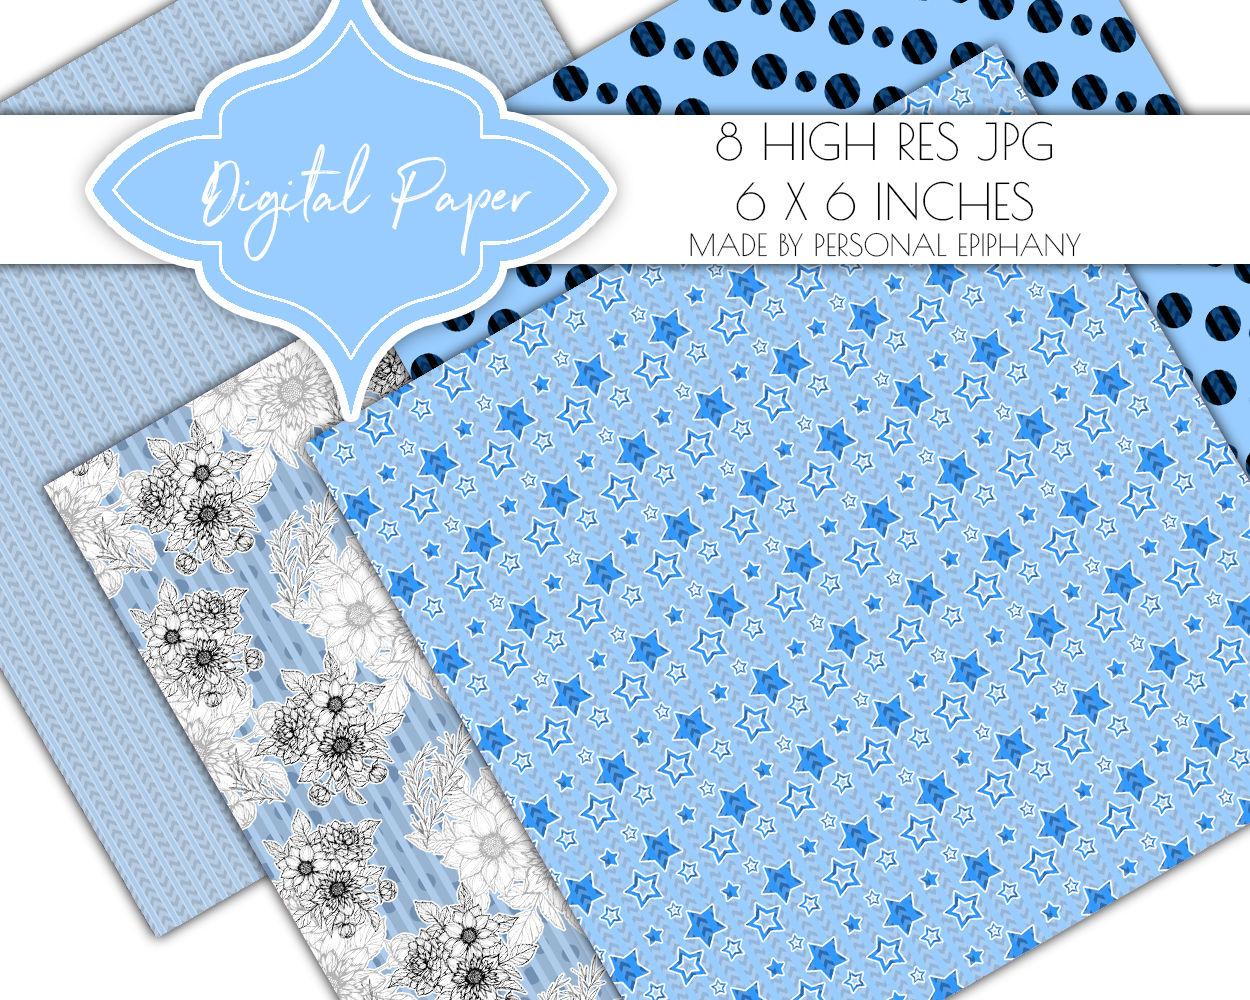 Light Blue Digital Paper Floral Background Pattern Scrapbook